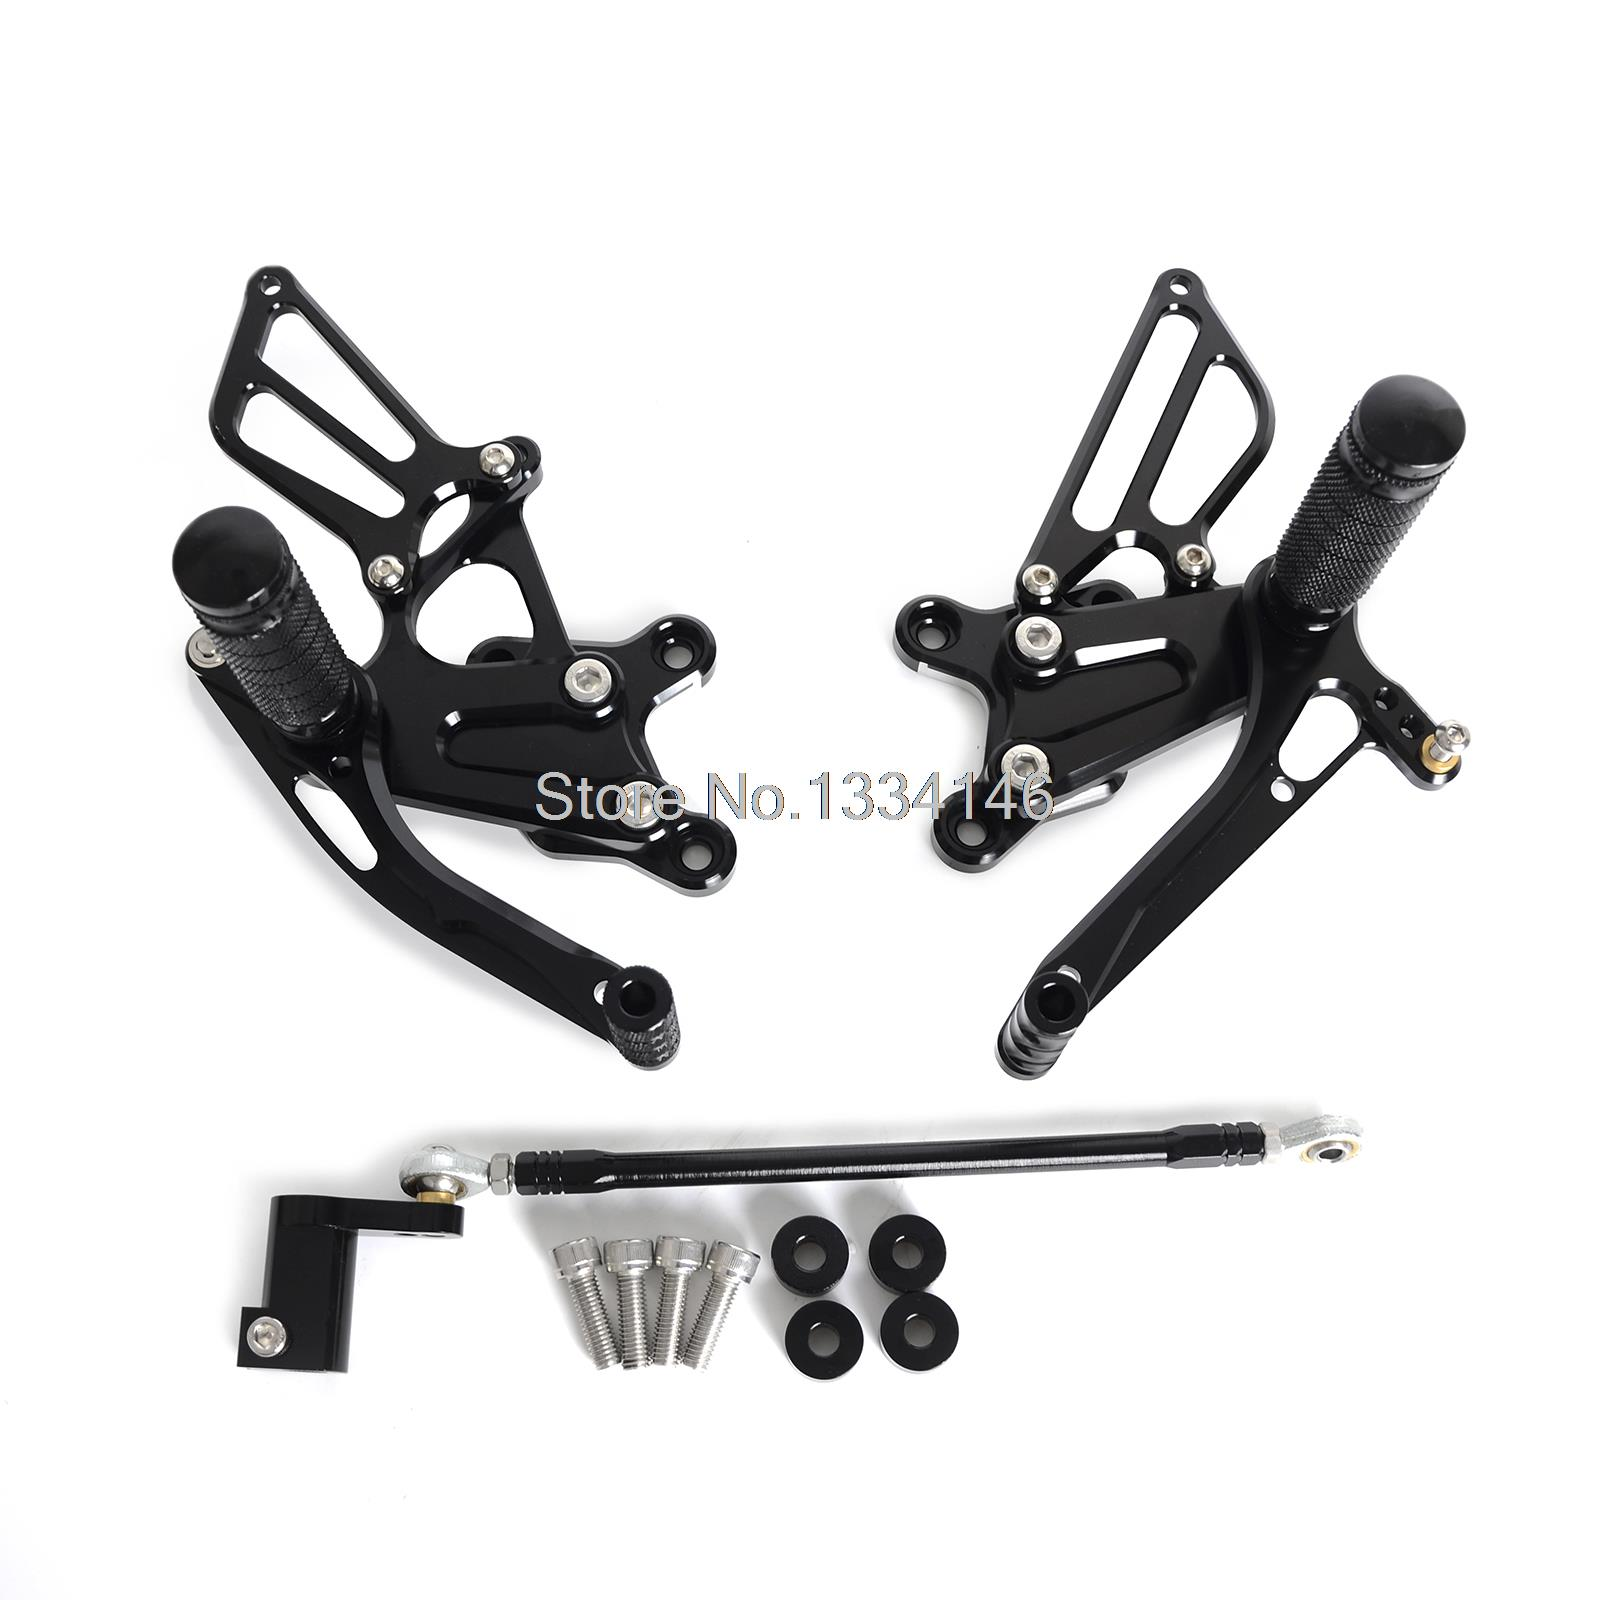 Black Foot Pegs CNC Billet Adjustable Racing  Rear Sets For Honda CBR929RR CBR954RR 2000 2001 2002 2003 meziere wp101b sbc billet elec w p